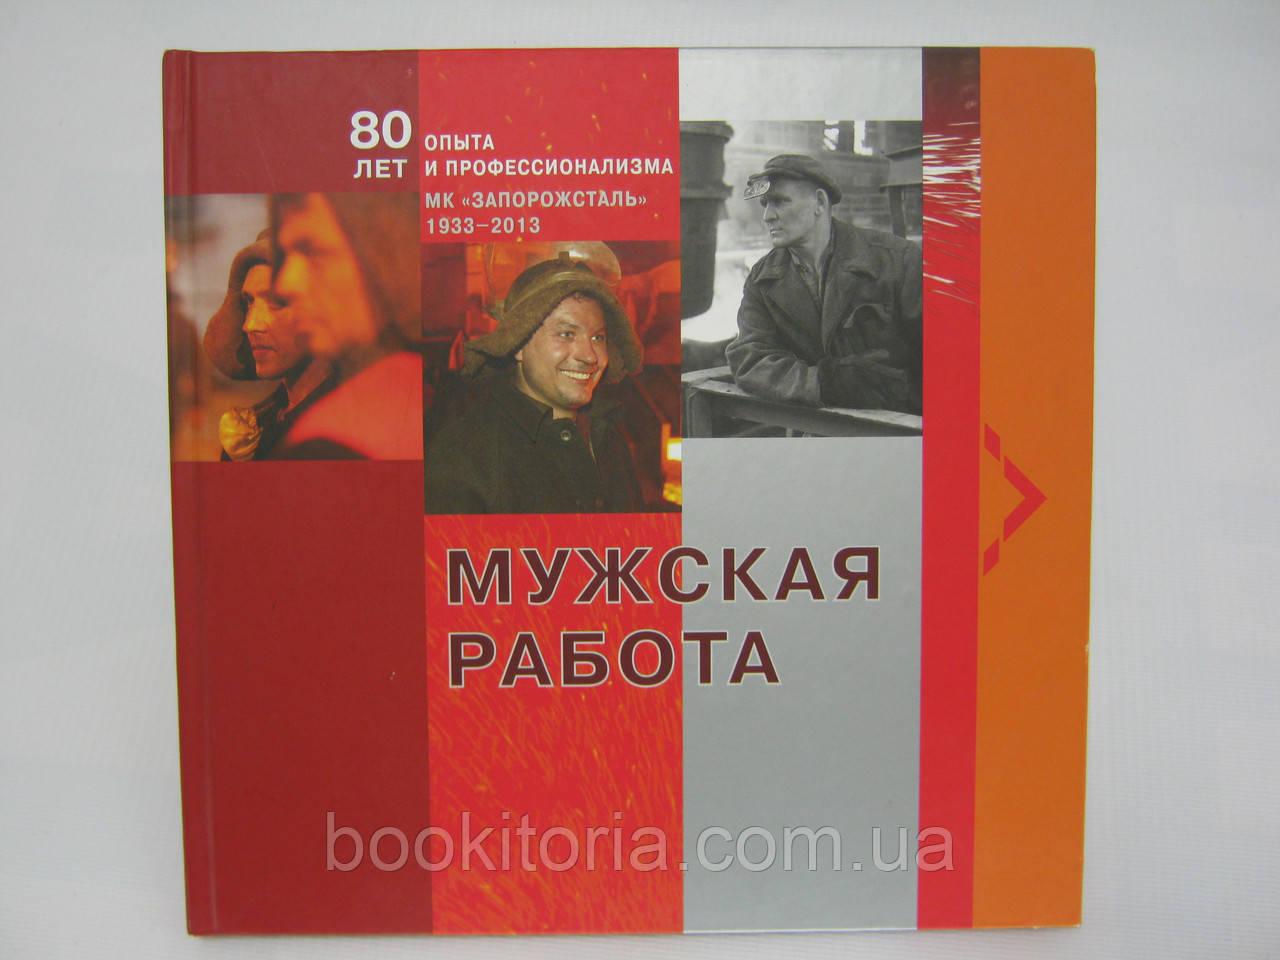 Мужская работа: 80 лет опыта и профессионализма. МК «Запорожсталь». 1933 – 2013 (б/у).